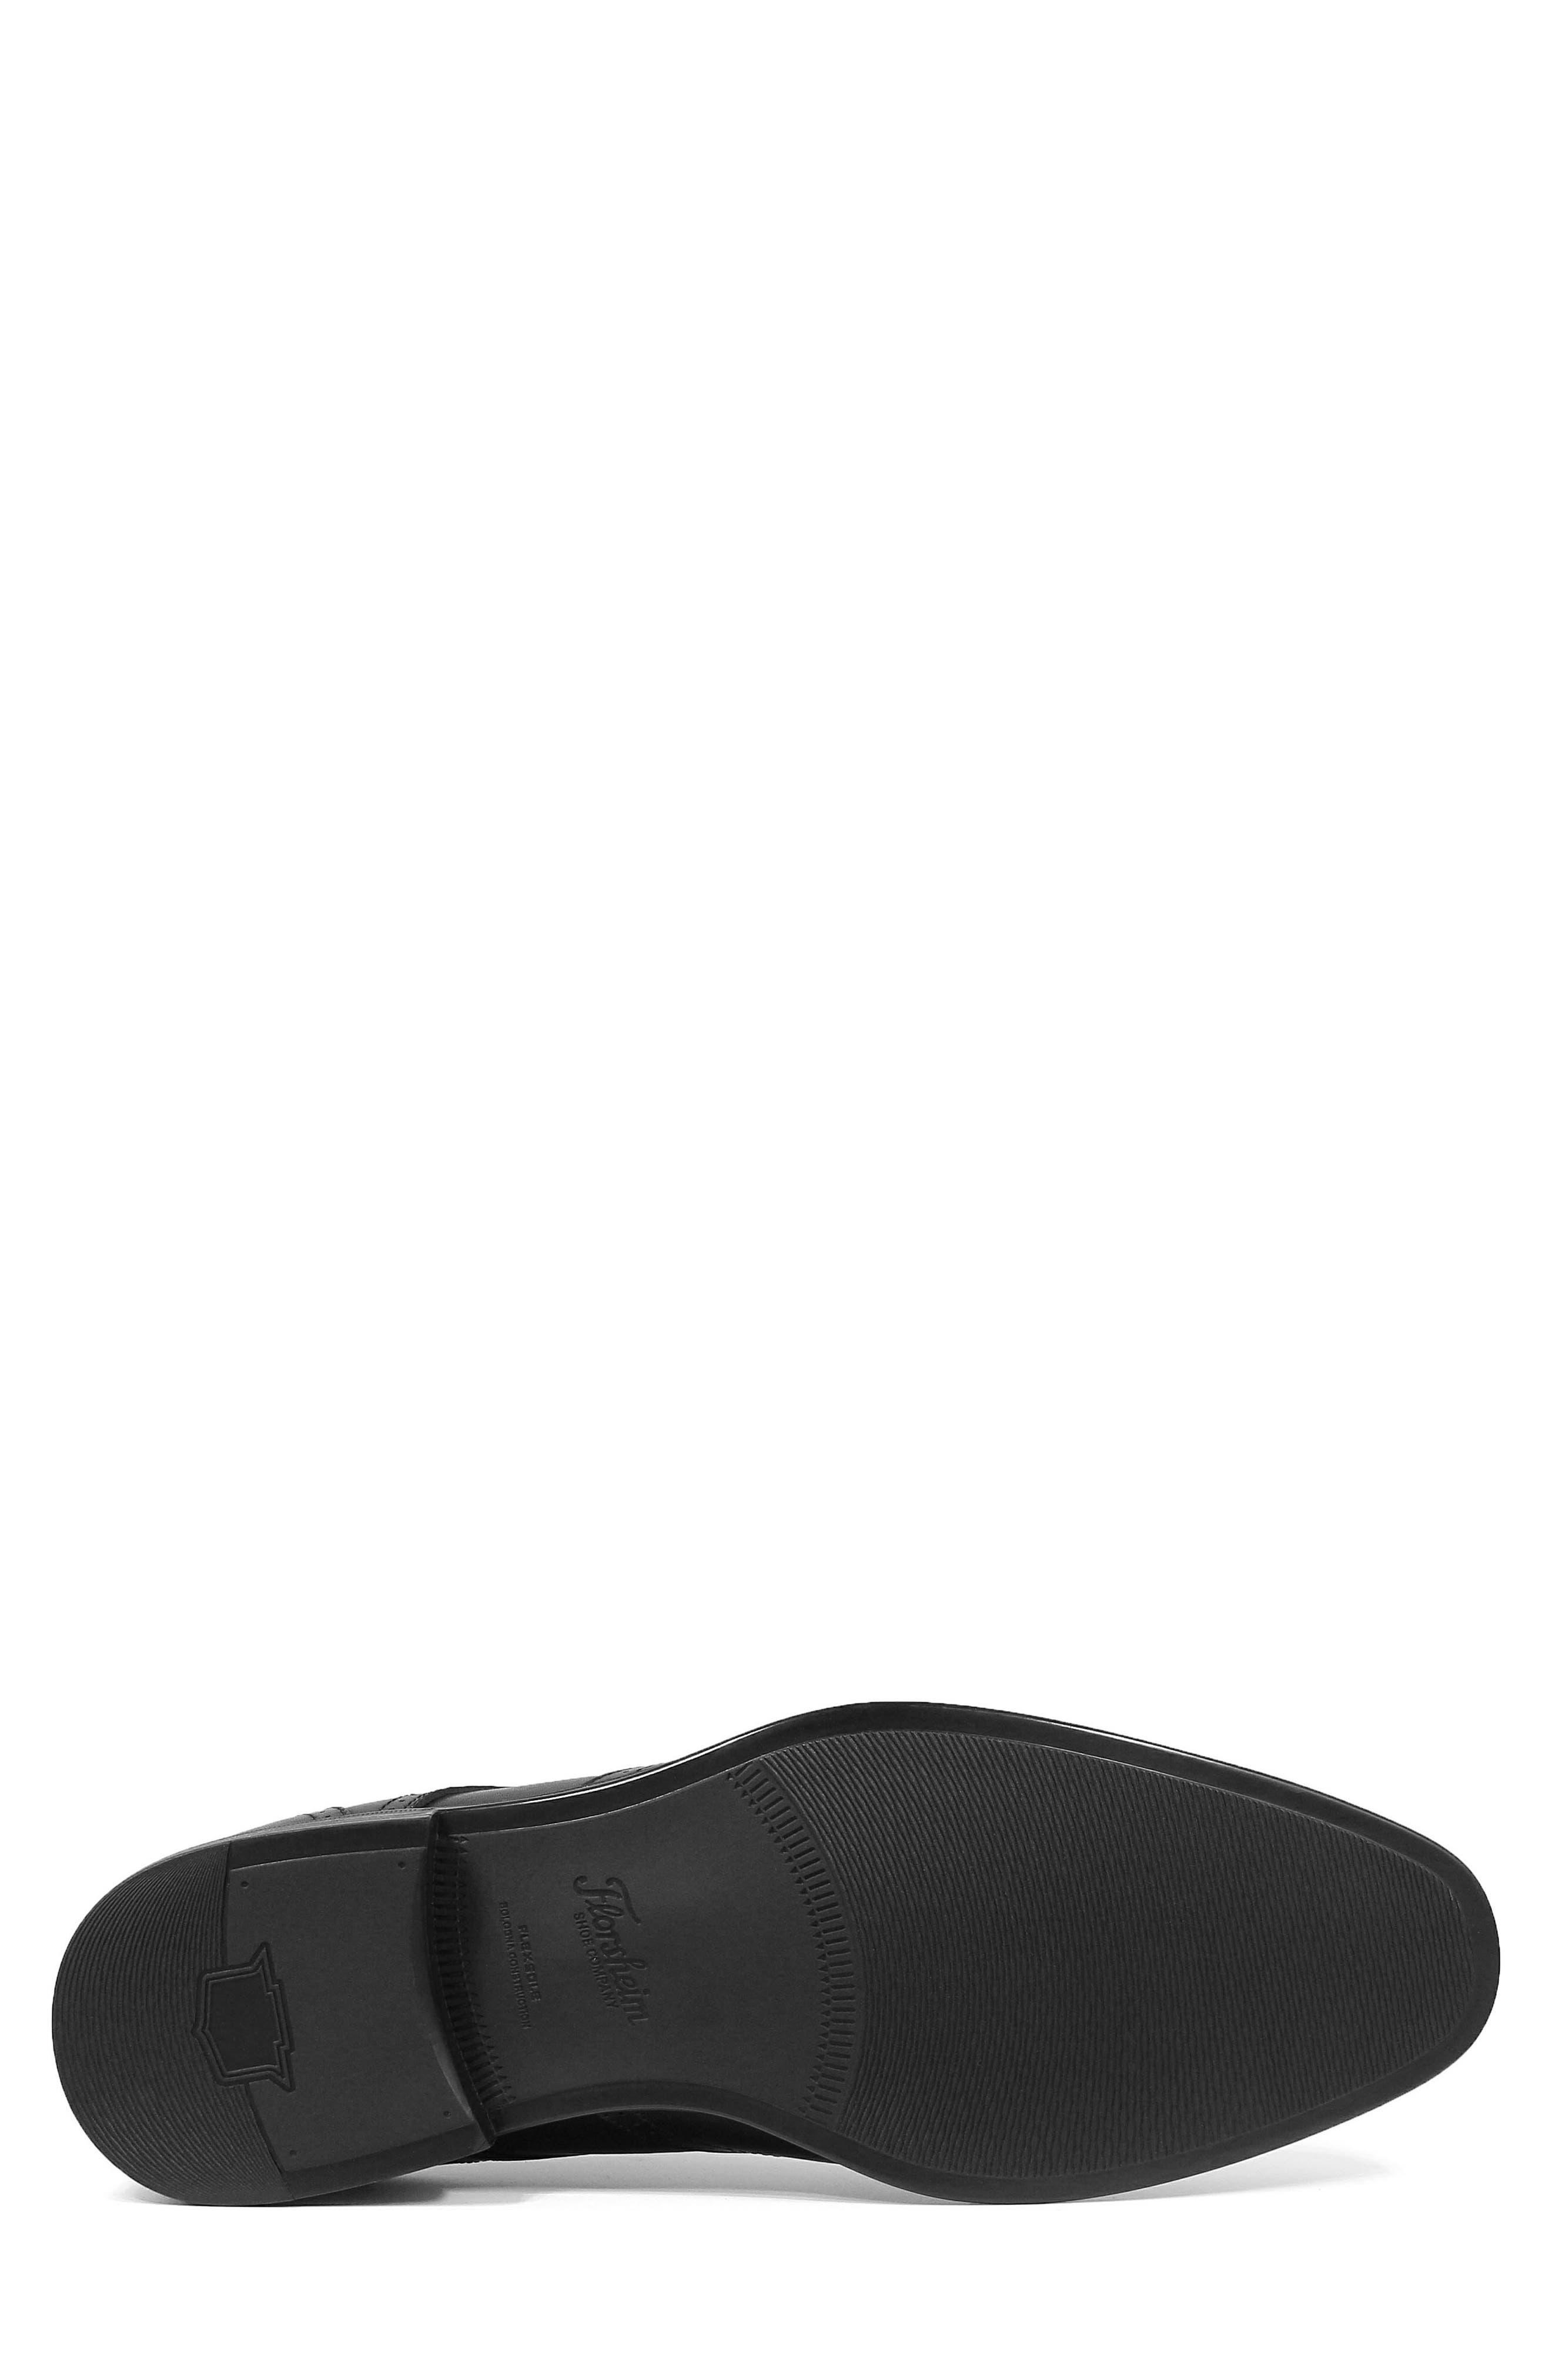 FLORSHEIM, Cardineli Cap Toe Derby, Alternate thumbnail 6, color, BLACK LEATHER